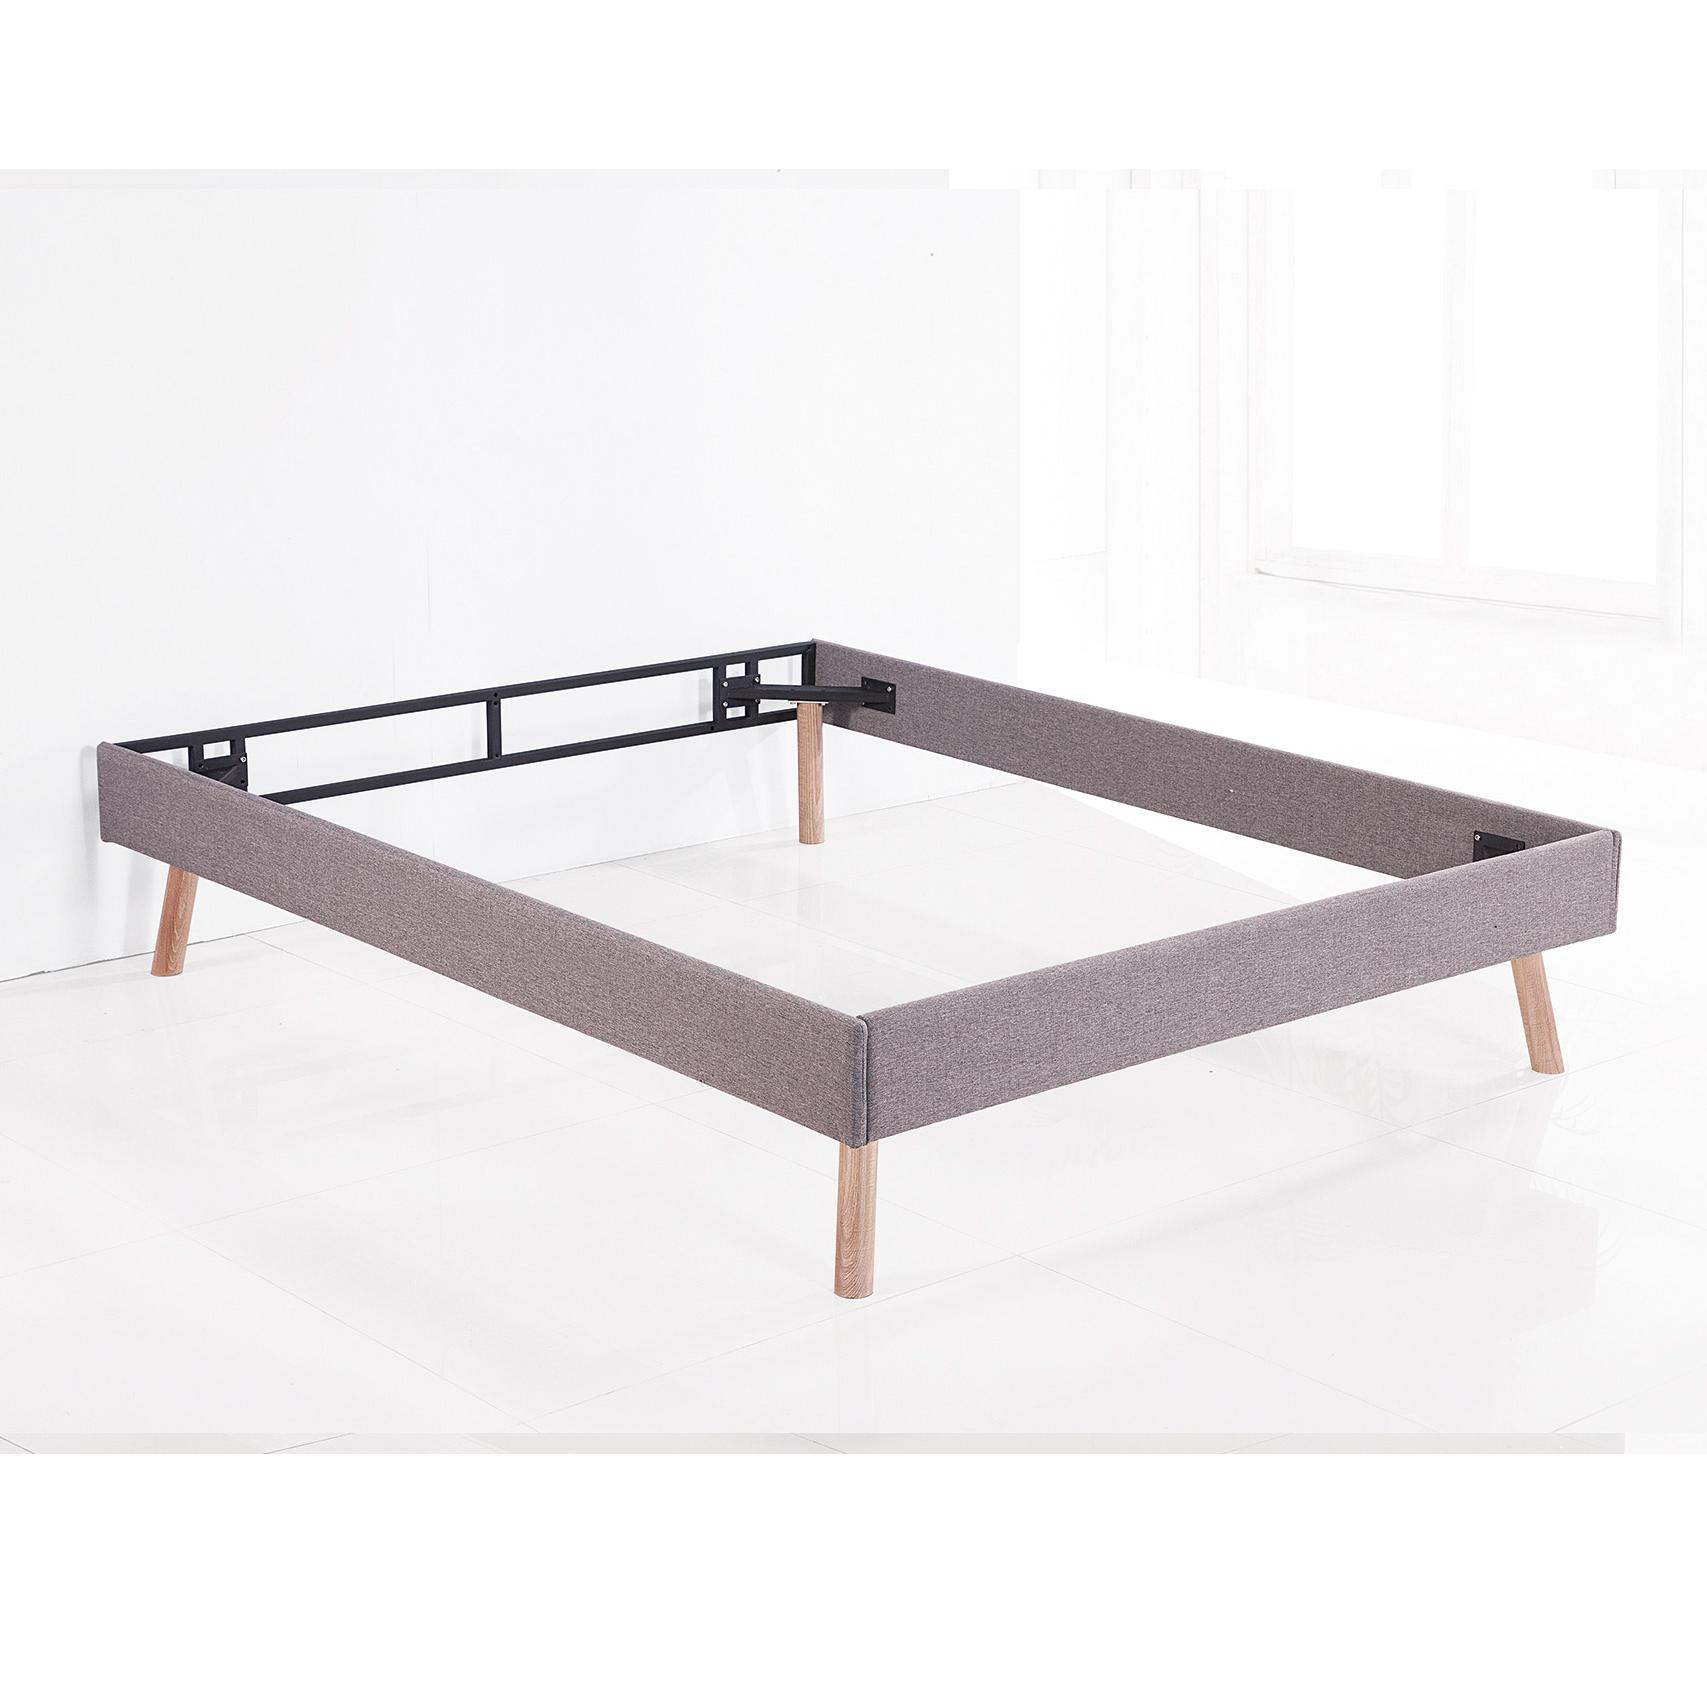 30027-aro-tapizado-gris-tex-tejido-160.png